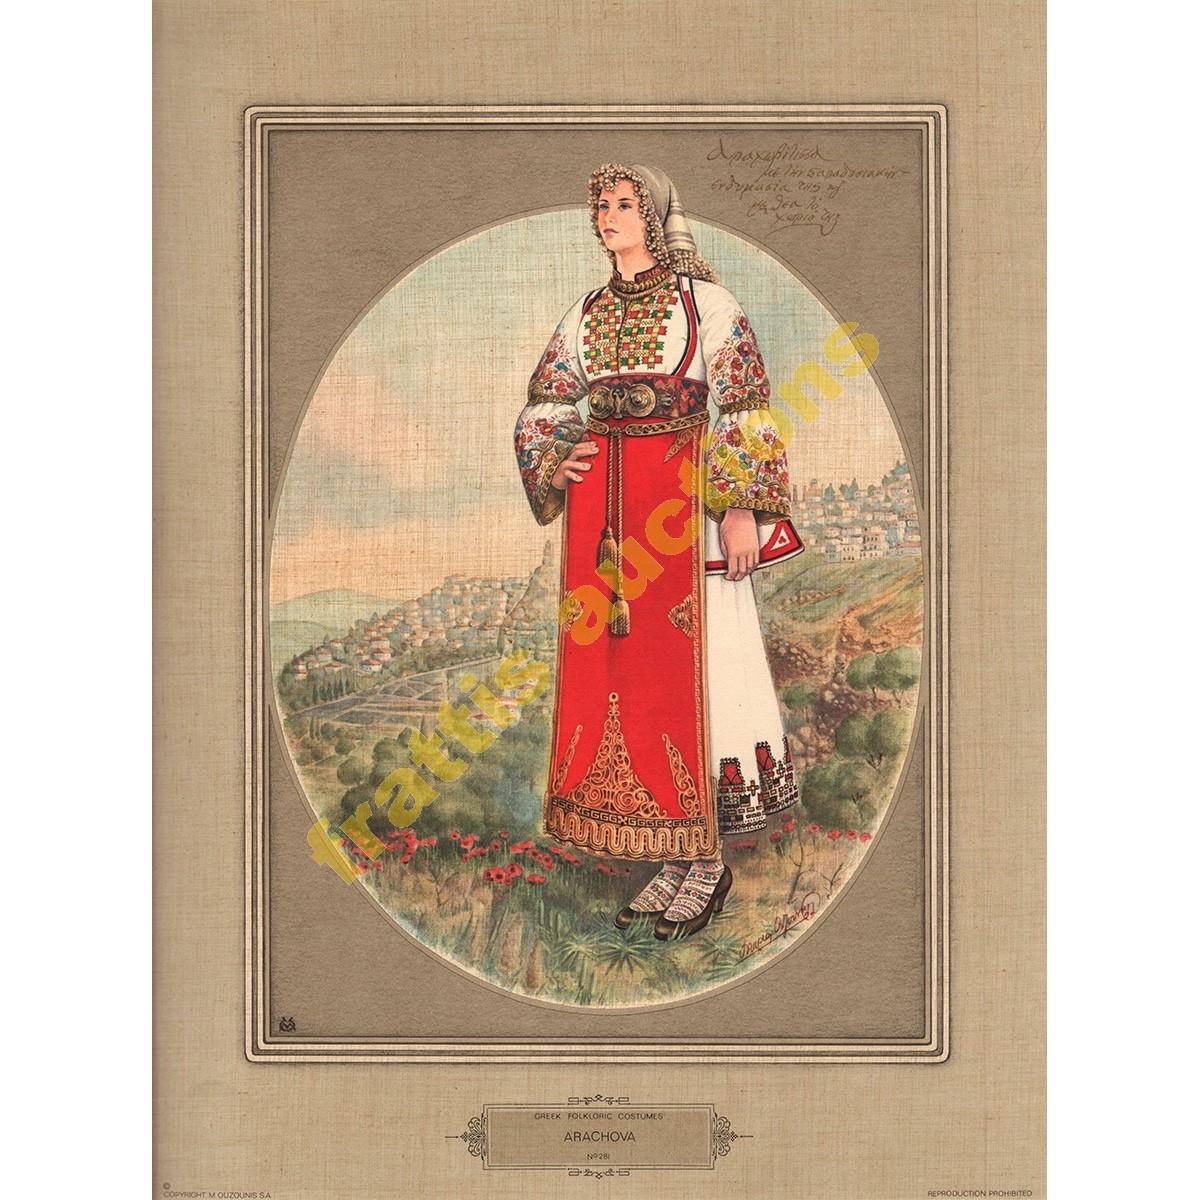 ΑΡΑΧΩΒΑ Αφίσα Γυναίκας με Παραδοσιακή Φορεσιά.